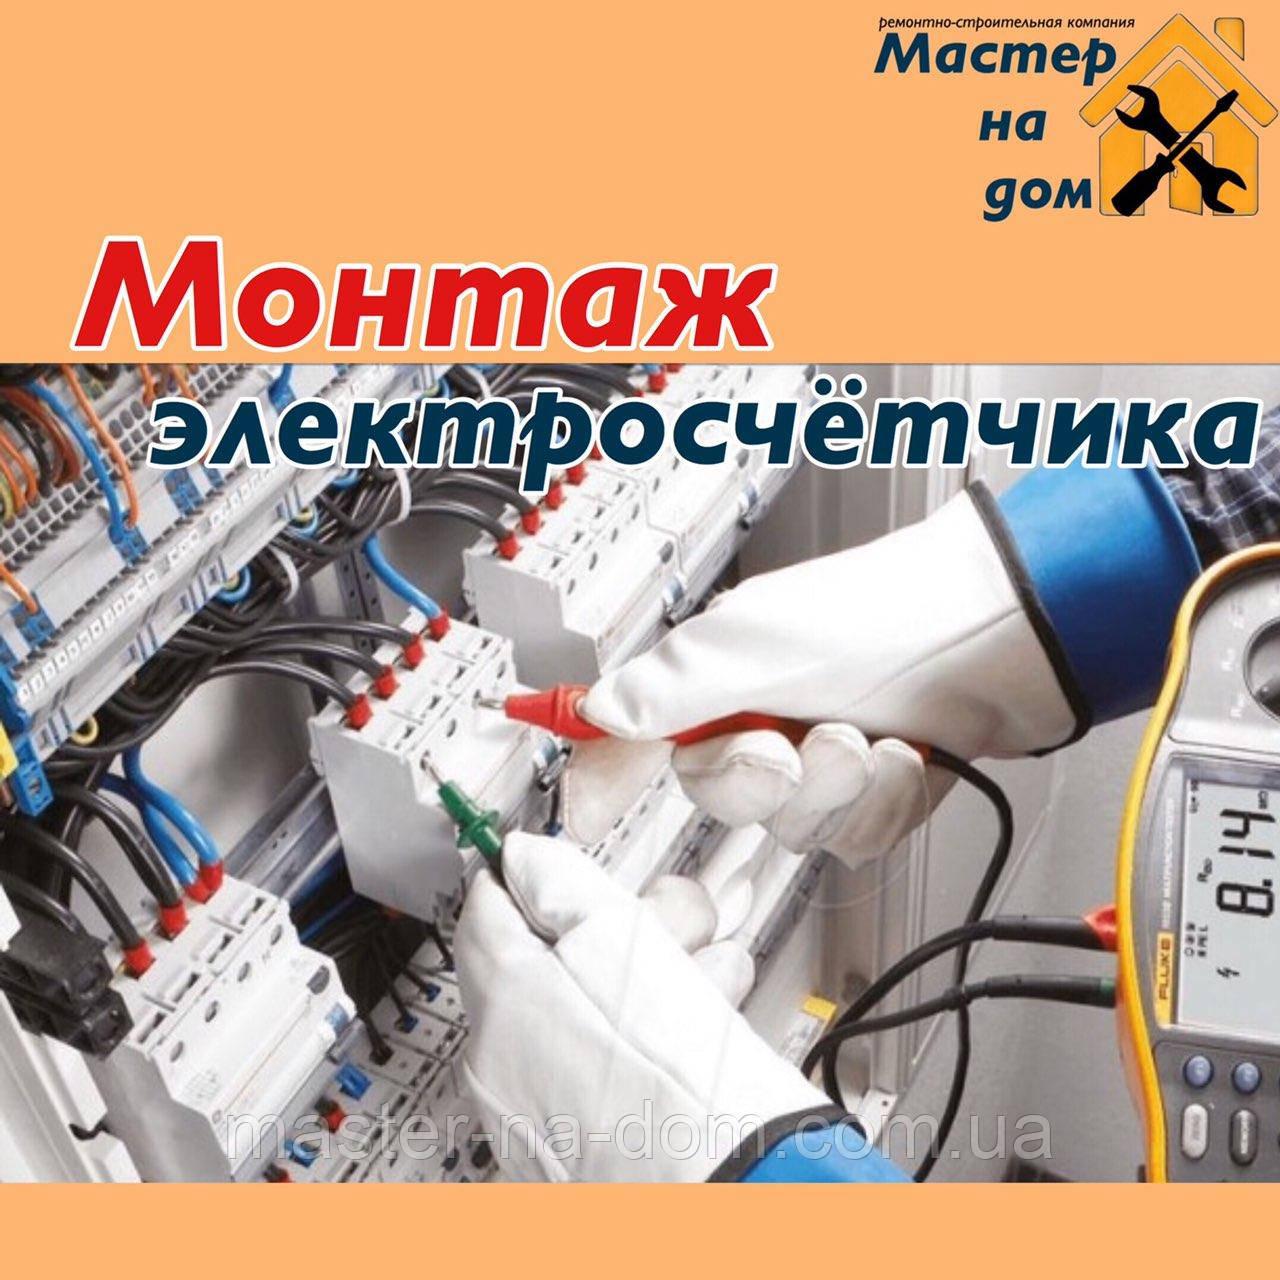 Монтаж электросчётчиков в Черновцах, фото 1